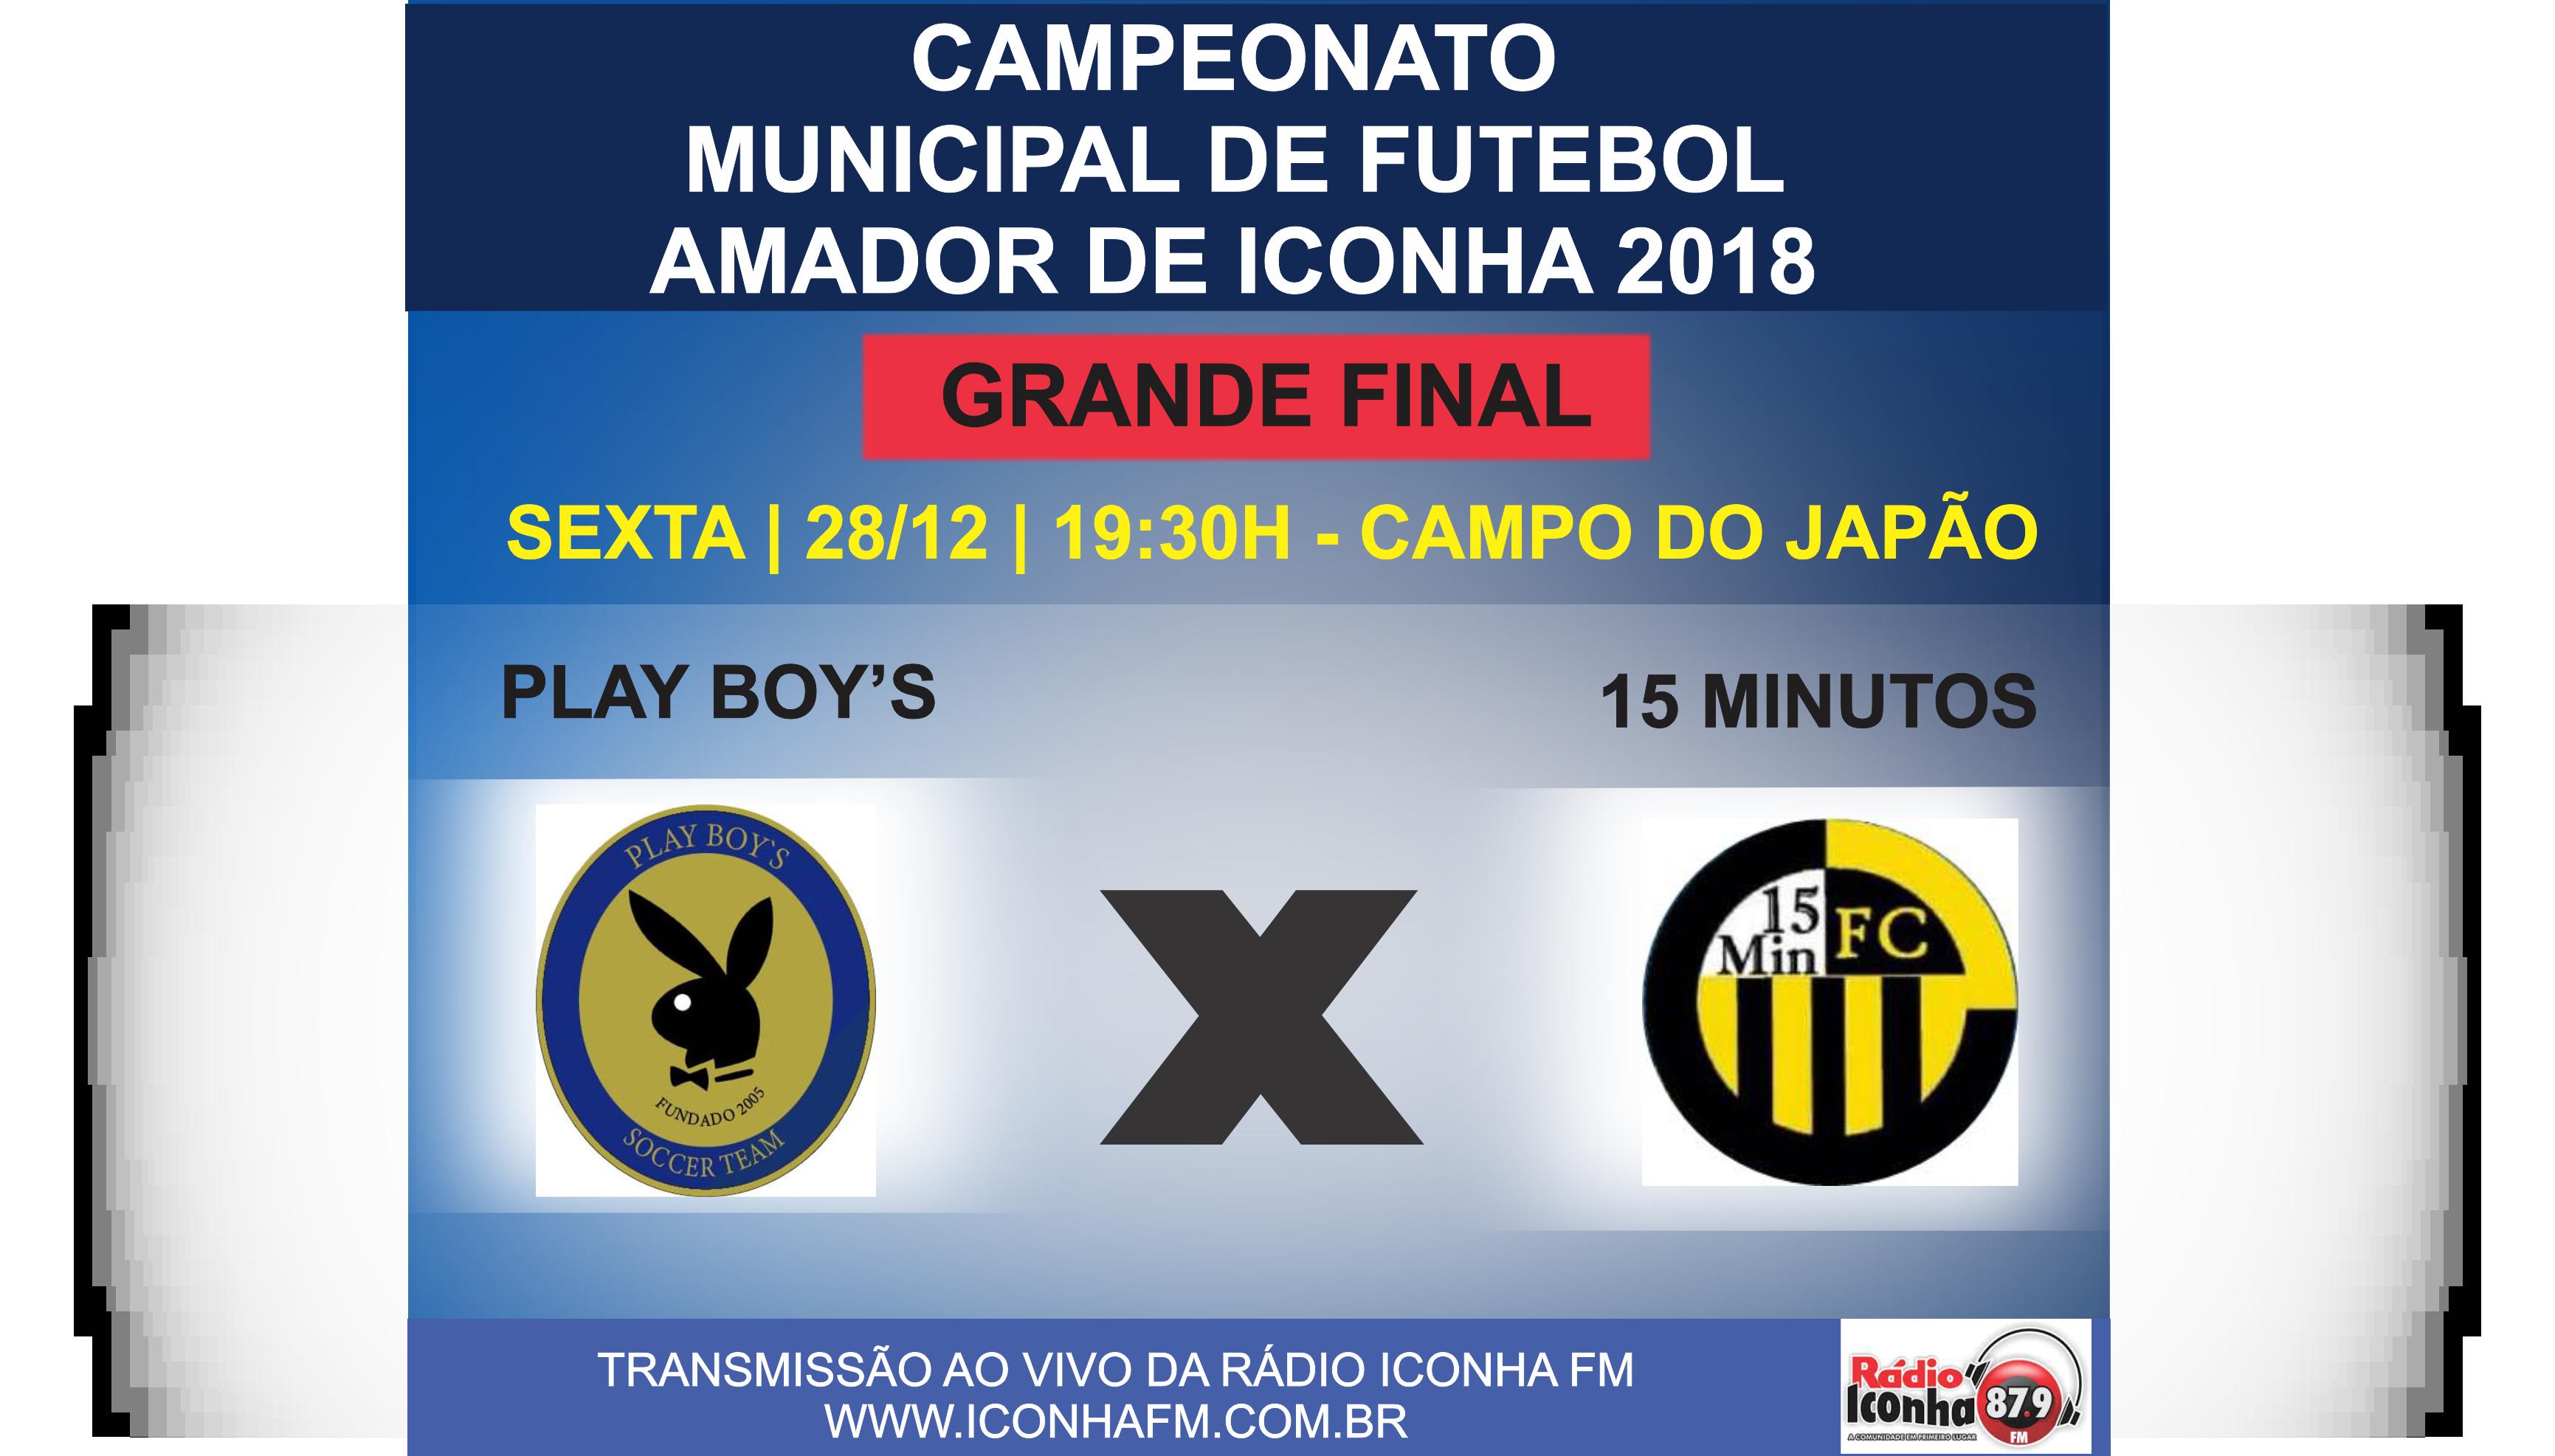 Dia de decisão: 15 Minutos e Play boys decidem o campeonato municipal de Iconha nesta sexta feira.